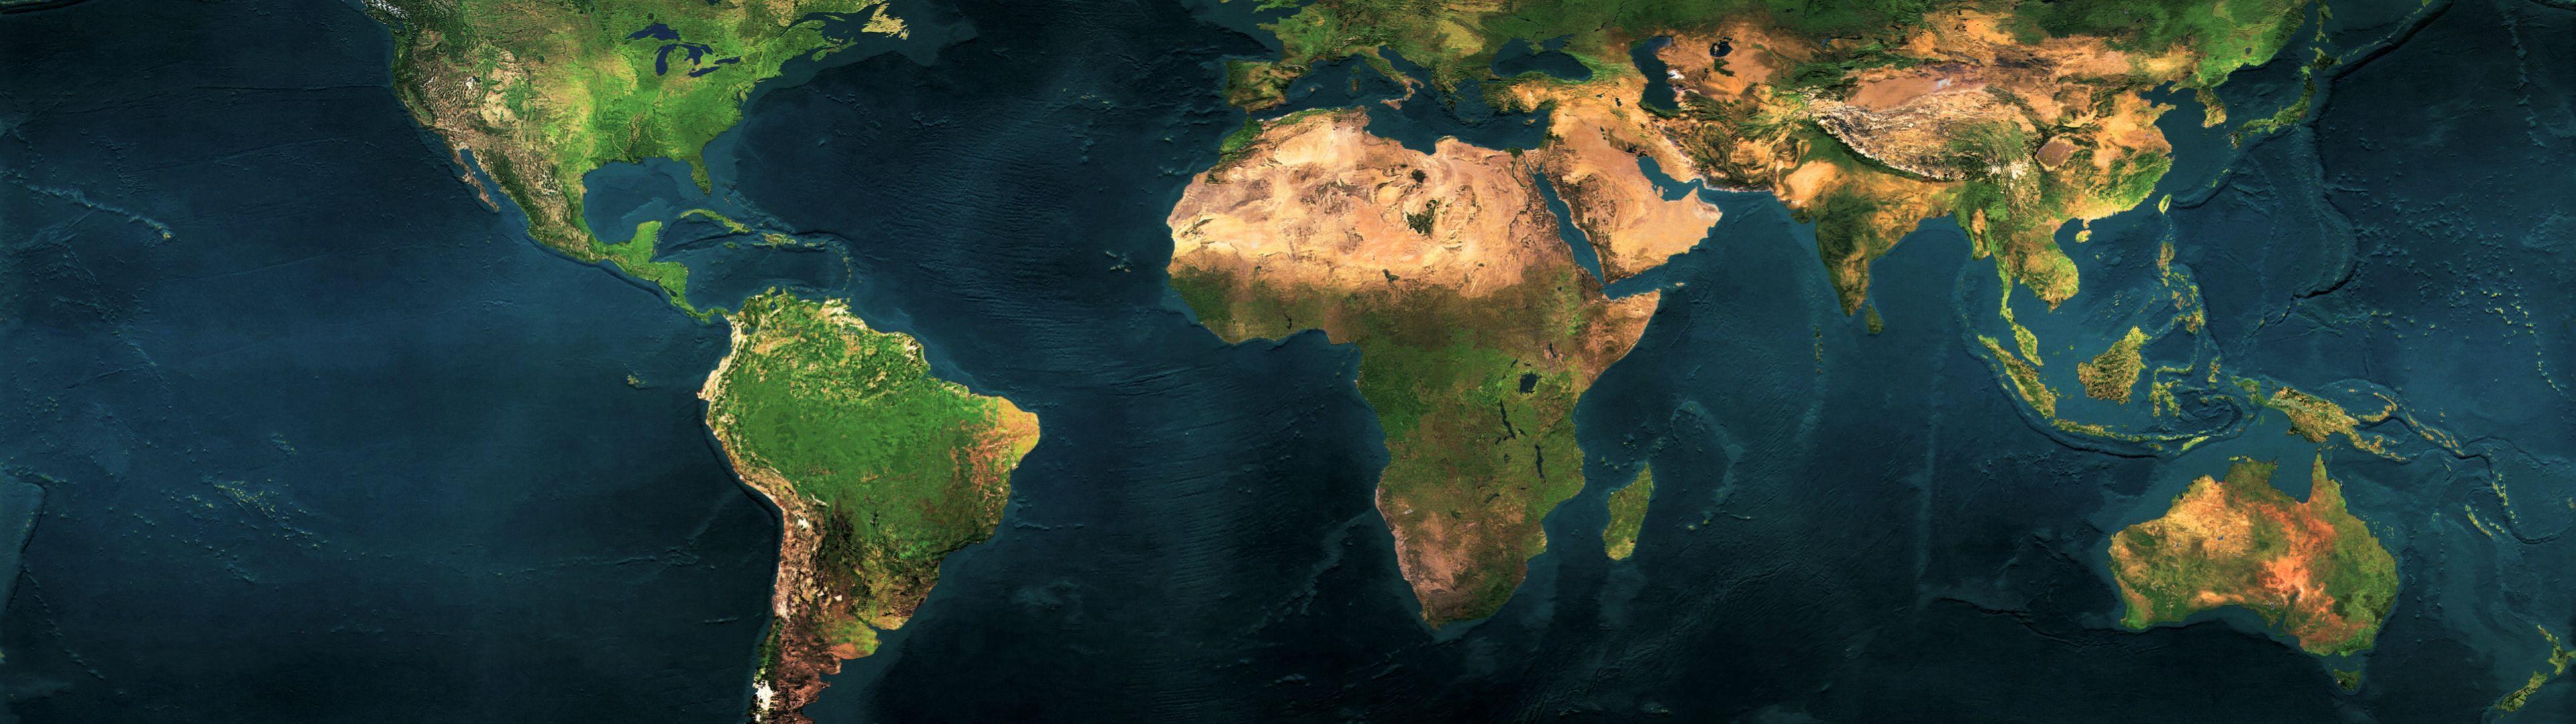 Hình nền dual monitor thế giới